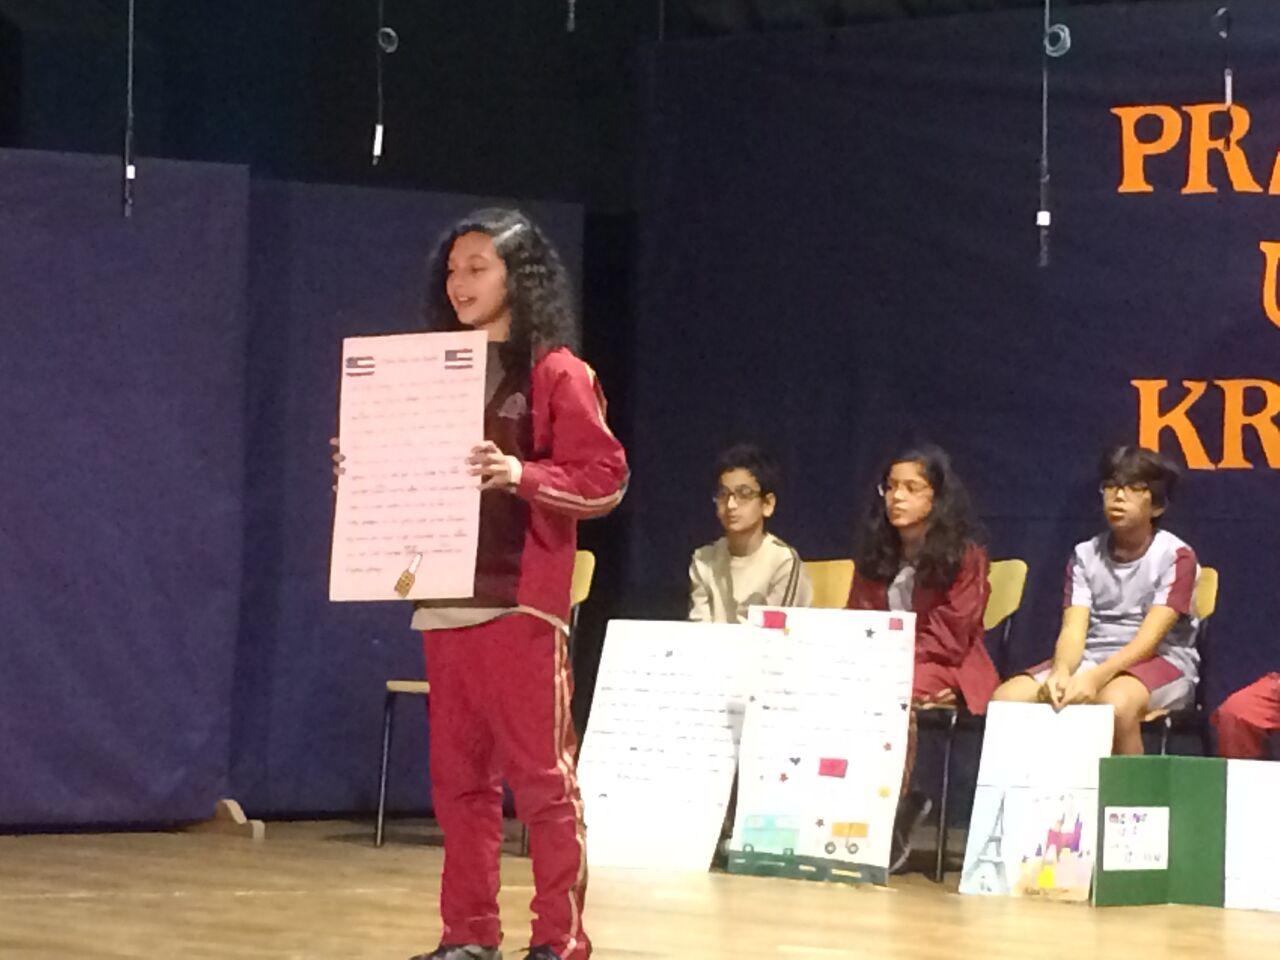 Schülerin präsentiert ihre Geschichte